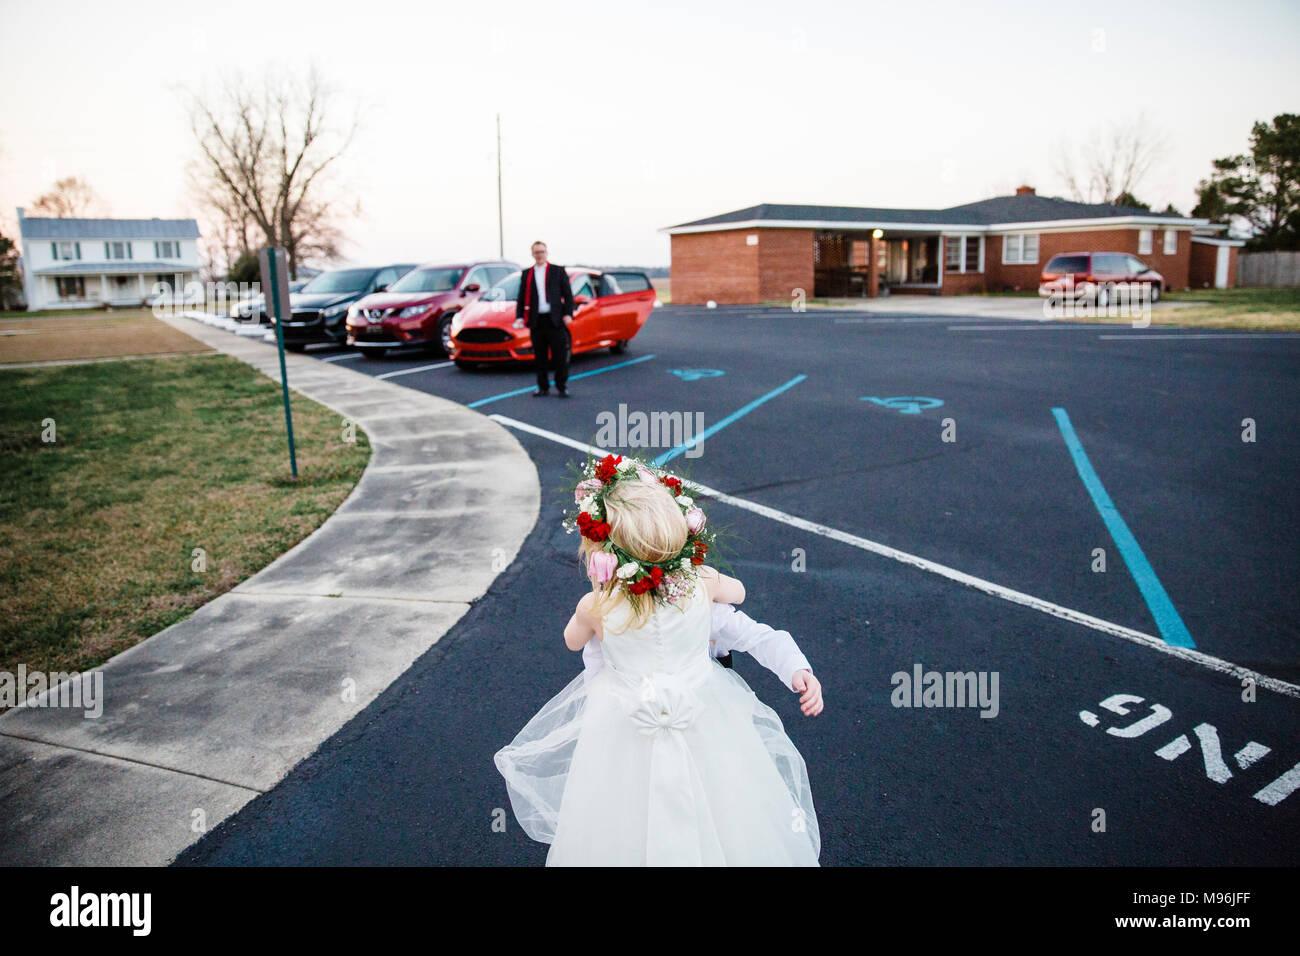 Ragazza in abito bianco nel parcheggio con ghirlanda di fiori Immagini Stock